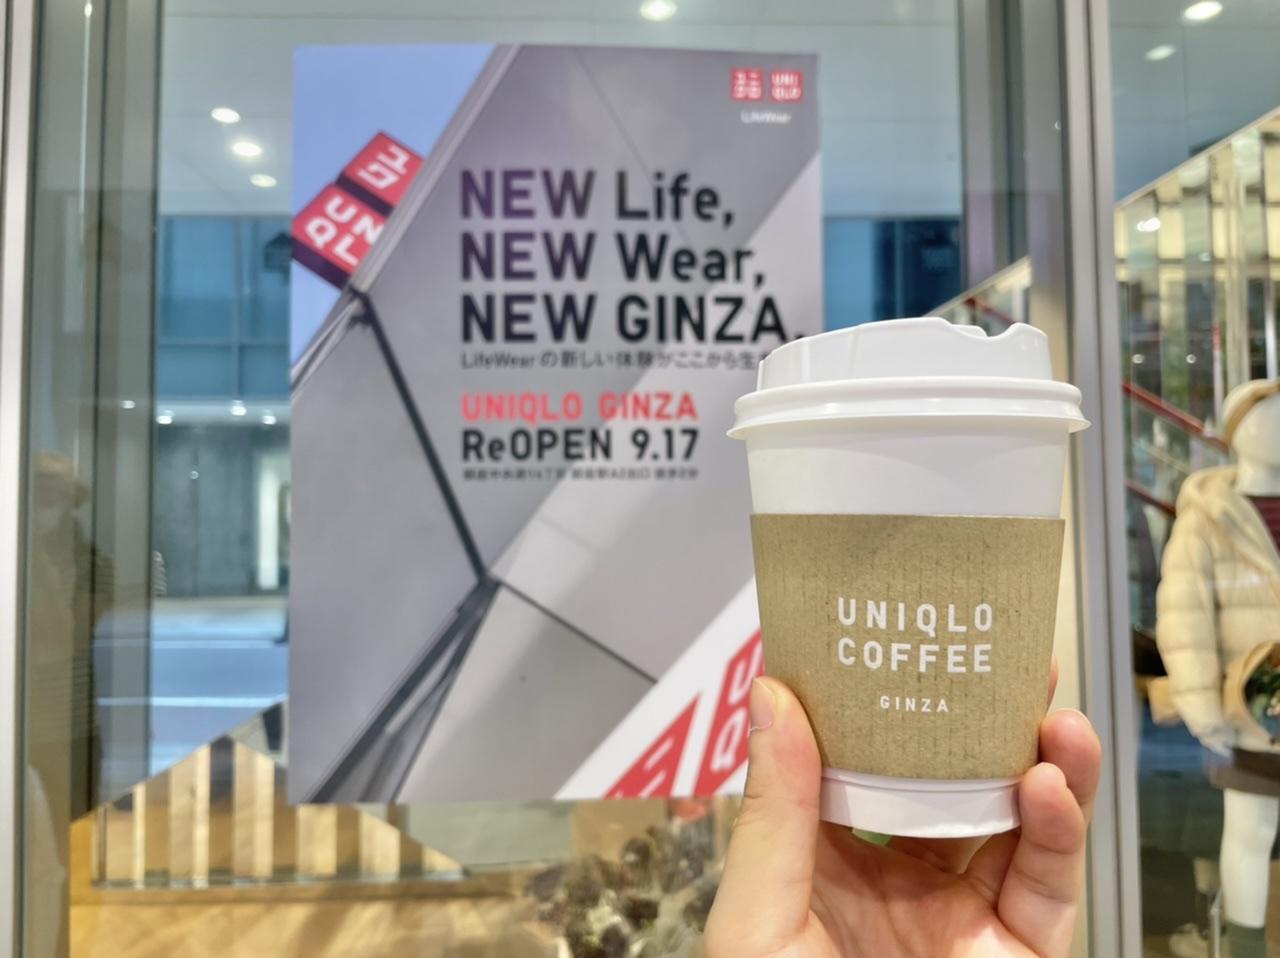 ユニクロ銀座店リニューアルオープンとユニクロコーヒー